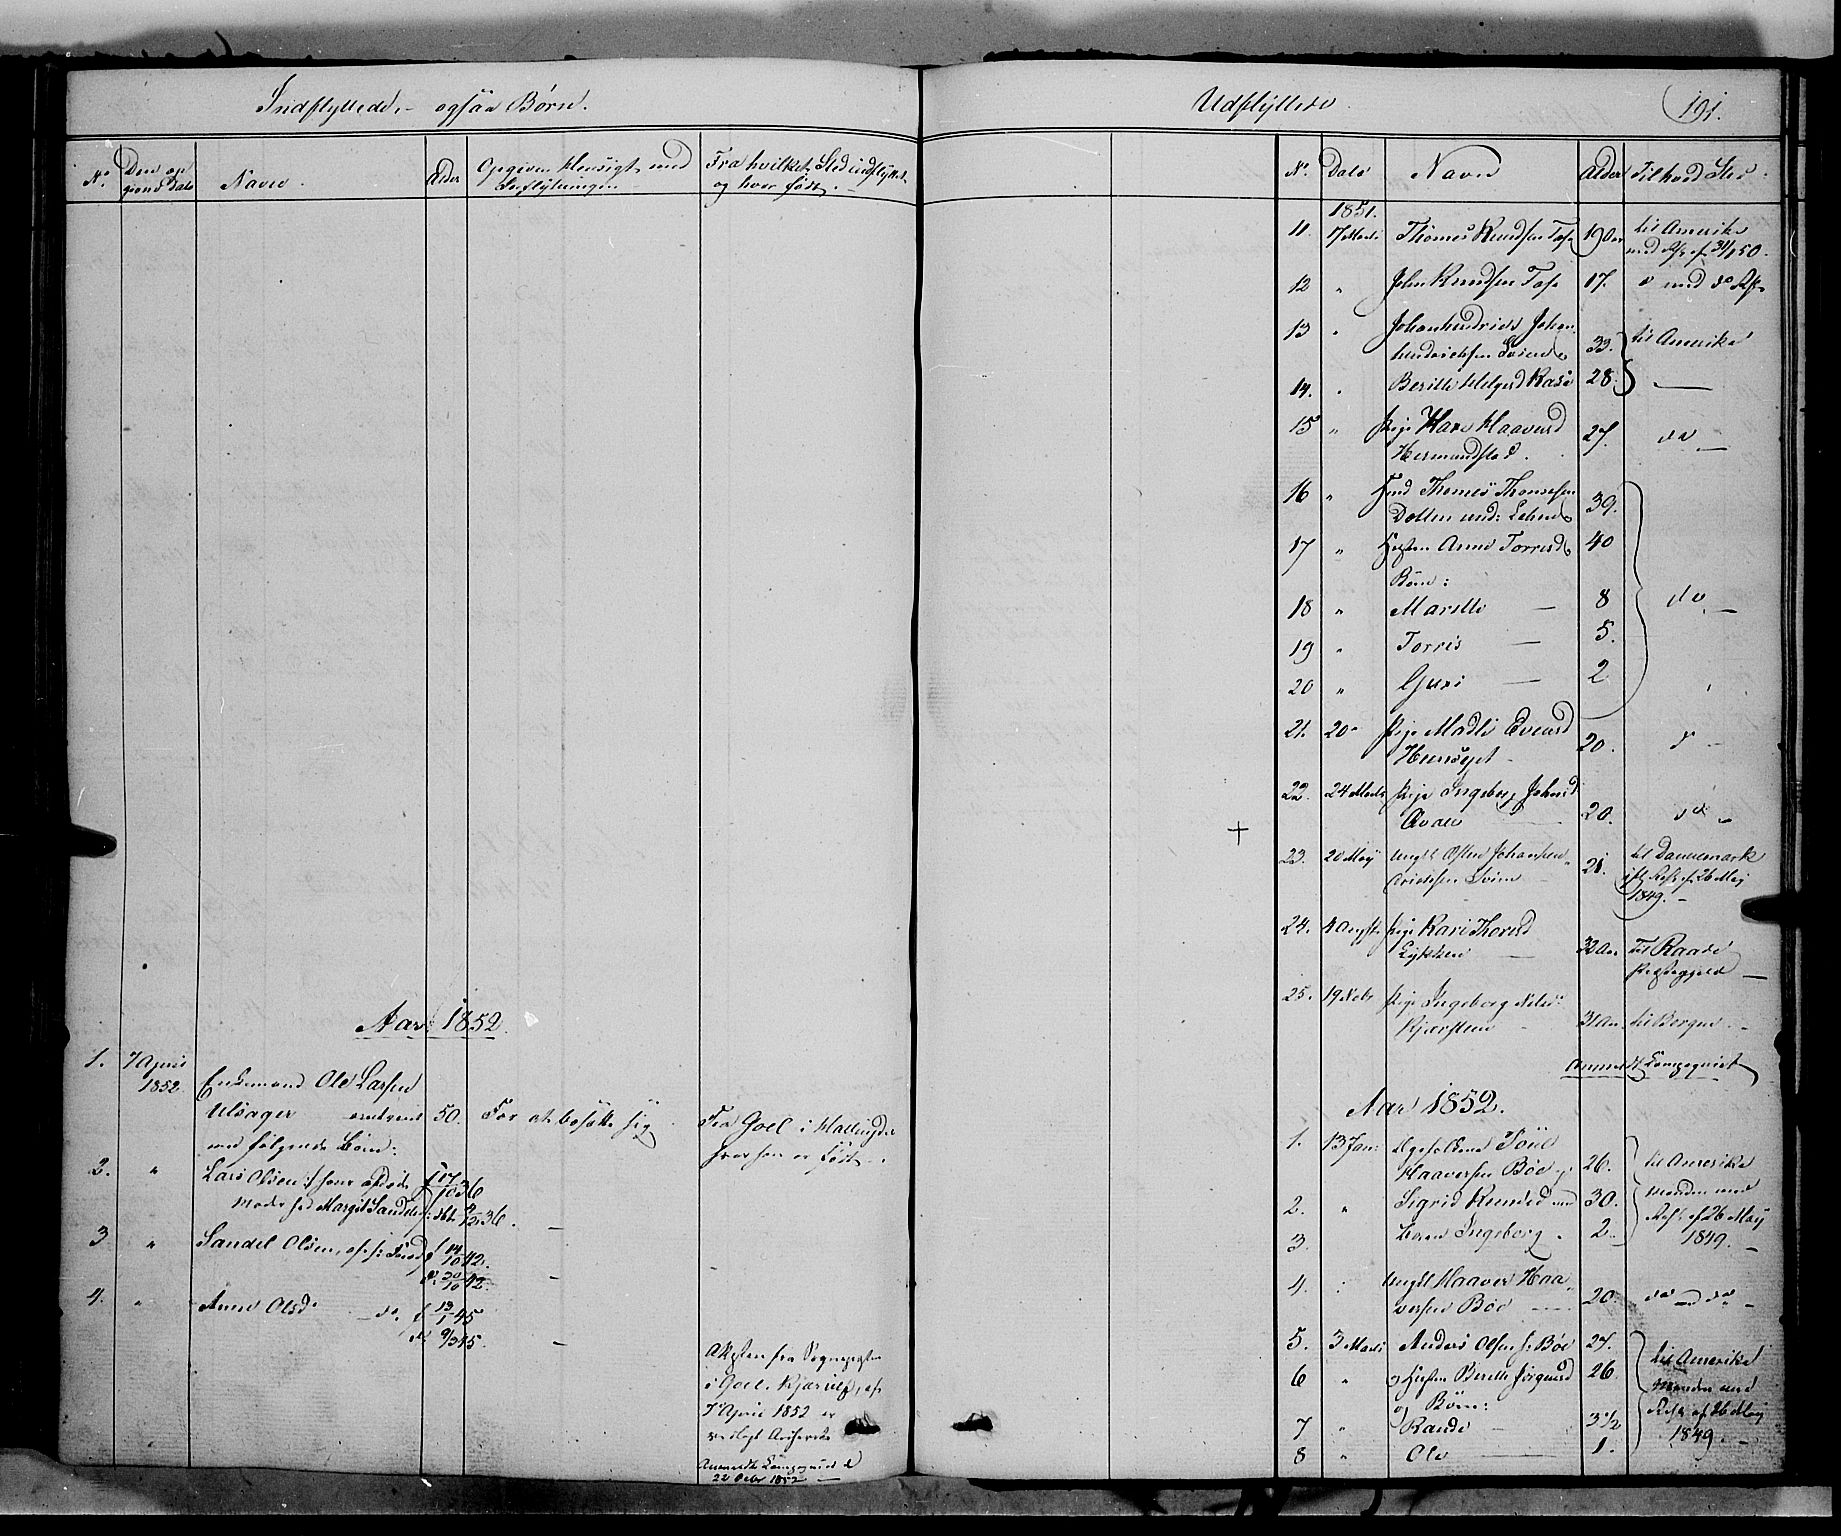 SAH, Vang prestekontor, Valdres, Ministerialbok nr. 6, 1846-1864, s. 191